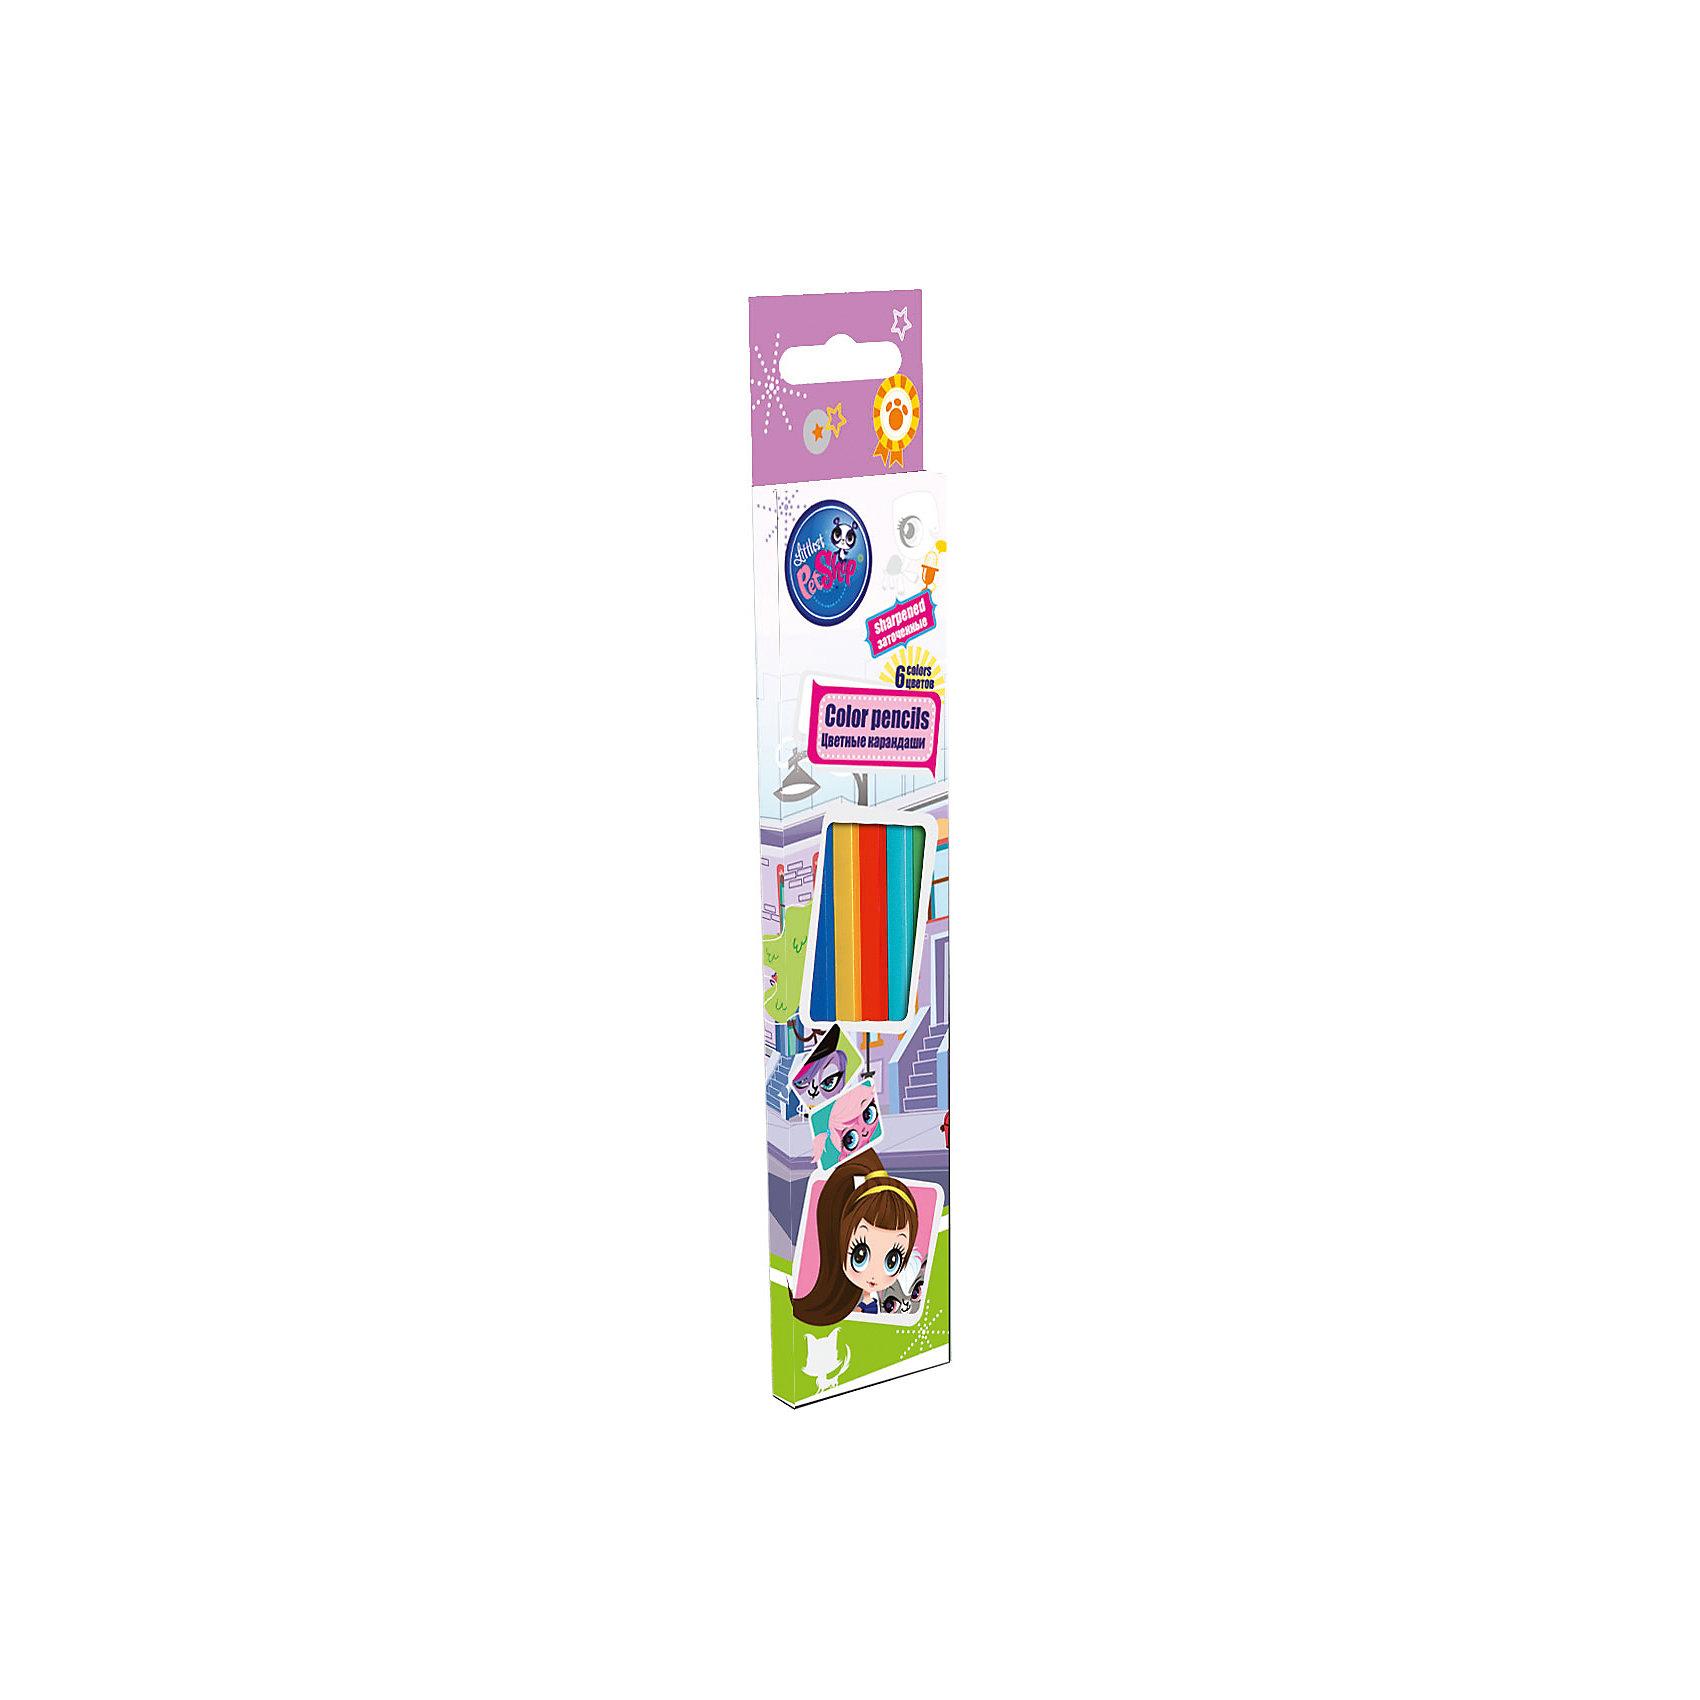 Цветные карандаши 6 шт, Littlest Pet ShopЦветные<br>Цветные карандаши 6 шт, Littlest Pet Shop - эти карандаши прекрасно подходят для творческих занятий Вашего ребёнка!<br>Цветные карандаши Littlest Pet Shop откроют юным художникам новые горизонты для творчества, а также помогут развить мелкую моторику рук, цветовое восприятие, фантазию и воображение. В набор входят 6 заточенных карандашей, которые имеют деревянный корпус с лаковой отделкой. Карандаши обладают яркими цветами. Мягкий и прочный грифель и не царапает бумагу. Они станут прекрасным подарком для вашего ребенка и порадуют отличным качеством. Коробка оформлена в стиле известного мультсериала Littlest Pet Shop.<br><br>Дополнительная информация:<br><br>- В наборе: 6 цветных заточенных карандашей<br>- Длина: 17,8 см.<br>- Материал корпуса: древесина тополь<br>- Диаметр грифеля: 2,65 мм.<br>- Упаковка: картонная коробка с европодвесом<br>- Размер упаковки: 21 х 4,5 х 1 см.<br>- Вес: 28 гр.<br><br>Цветные карандаши 6 шт, Littlest Pet Shop можно купить в нашем интернет-магазине.<br><br>Ширина мм: 45<br>Глубина мм: 10<br>Высота мм: 210<br>Вес г: 28<br>Возраст от месяцев: 48<br>Возраст до месяцев: 84<br>Пол: Женский<br>Возраст: Детский<br>SKU: 4489544